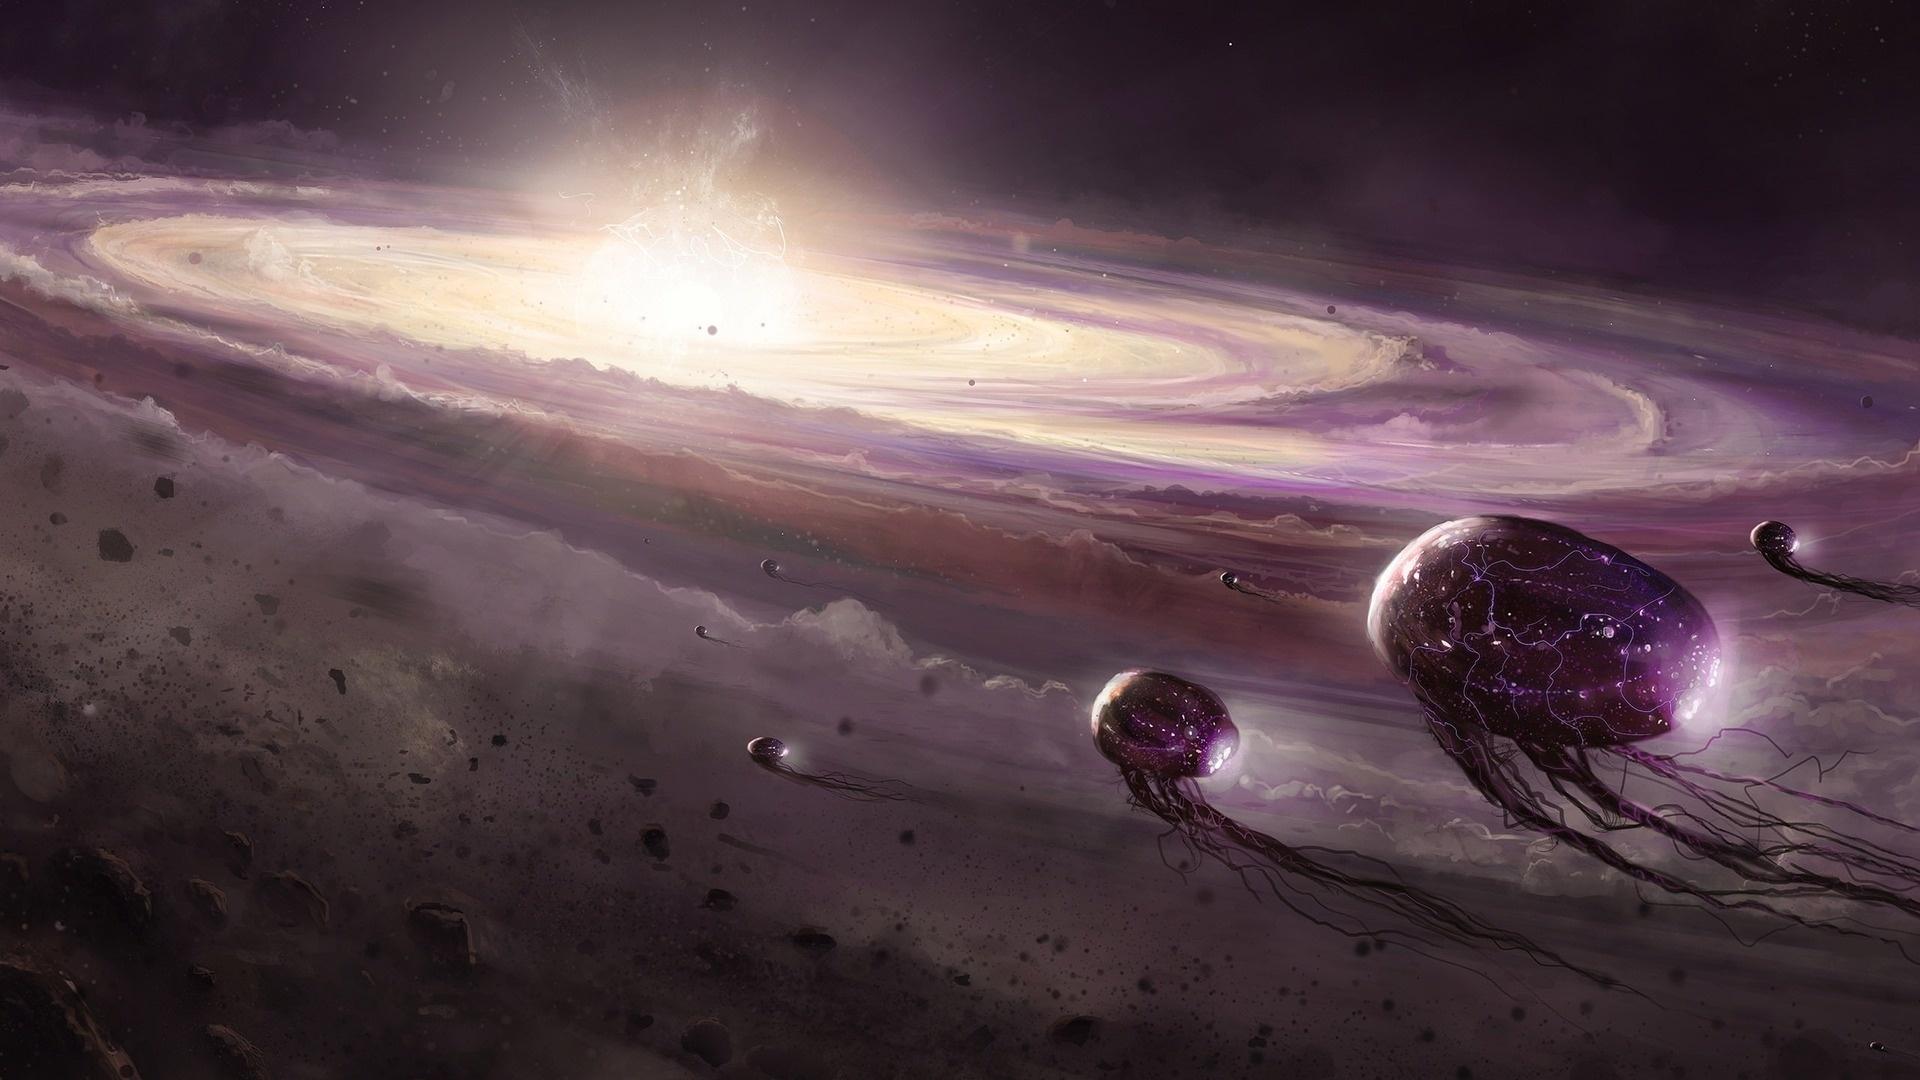 Alien Planet Art wallpaper for pc